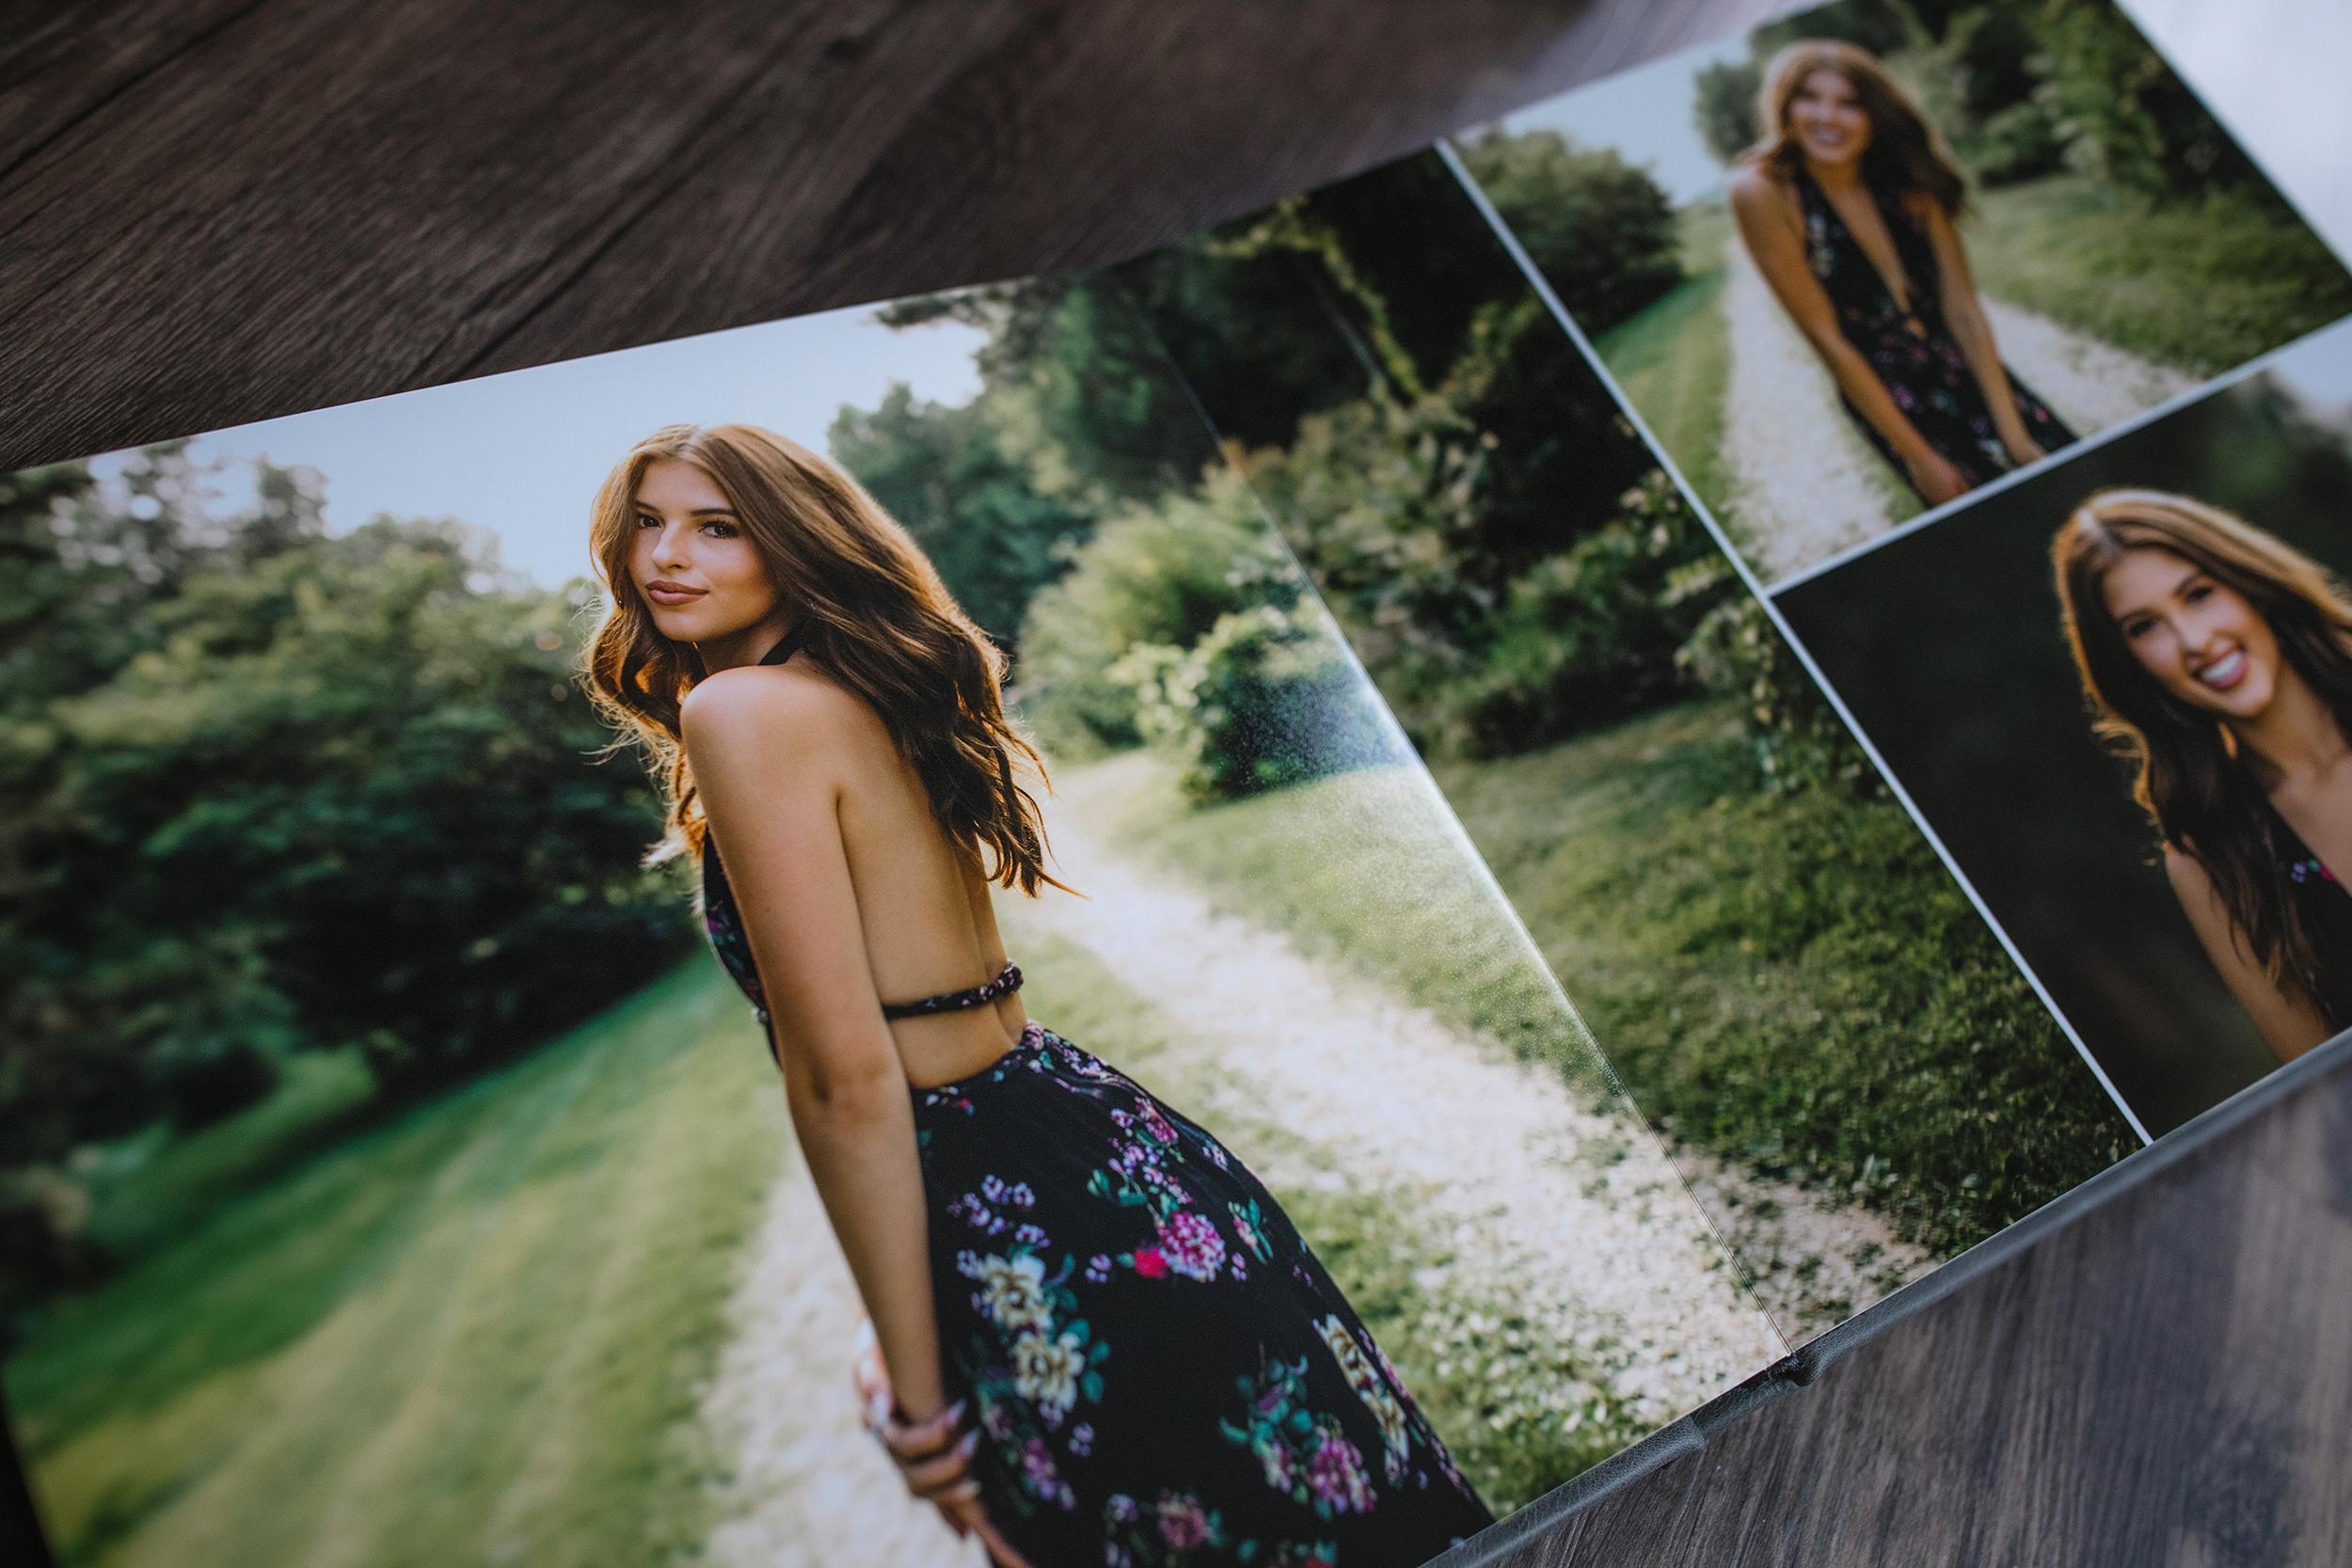 MelanieAlbumPics_012 copyb.jpg